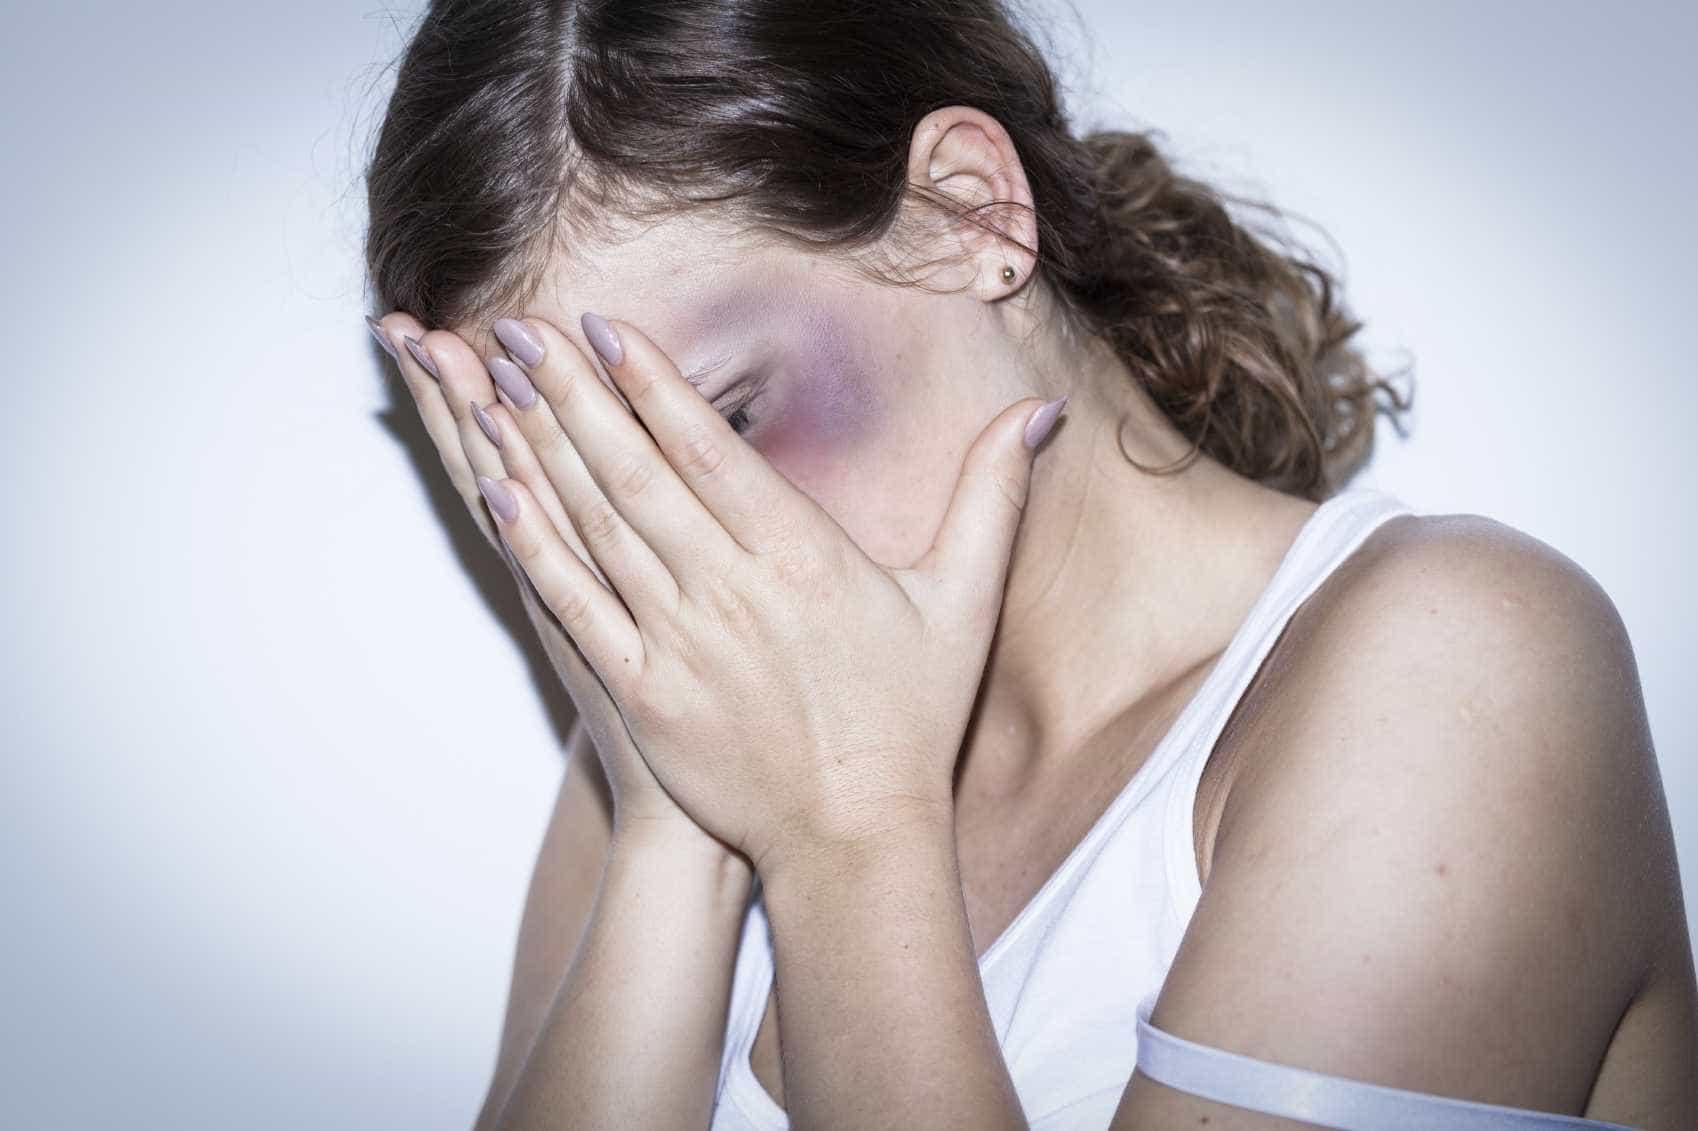 Tem 24 anos e é reincidente no crime de violência doméstica